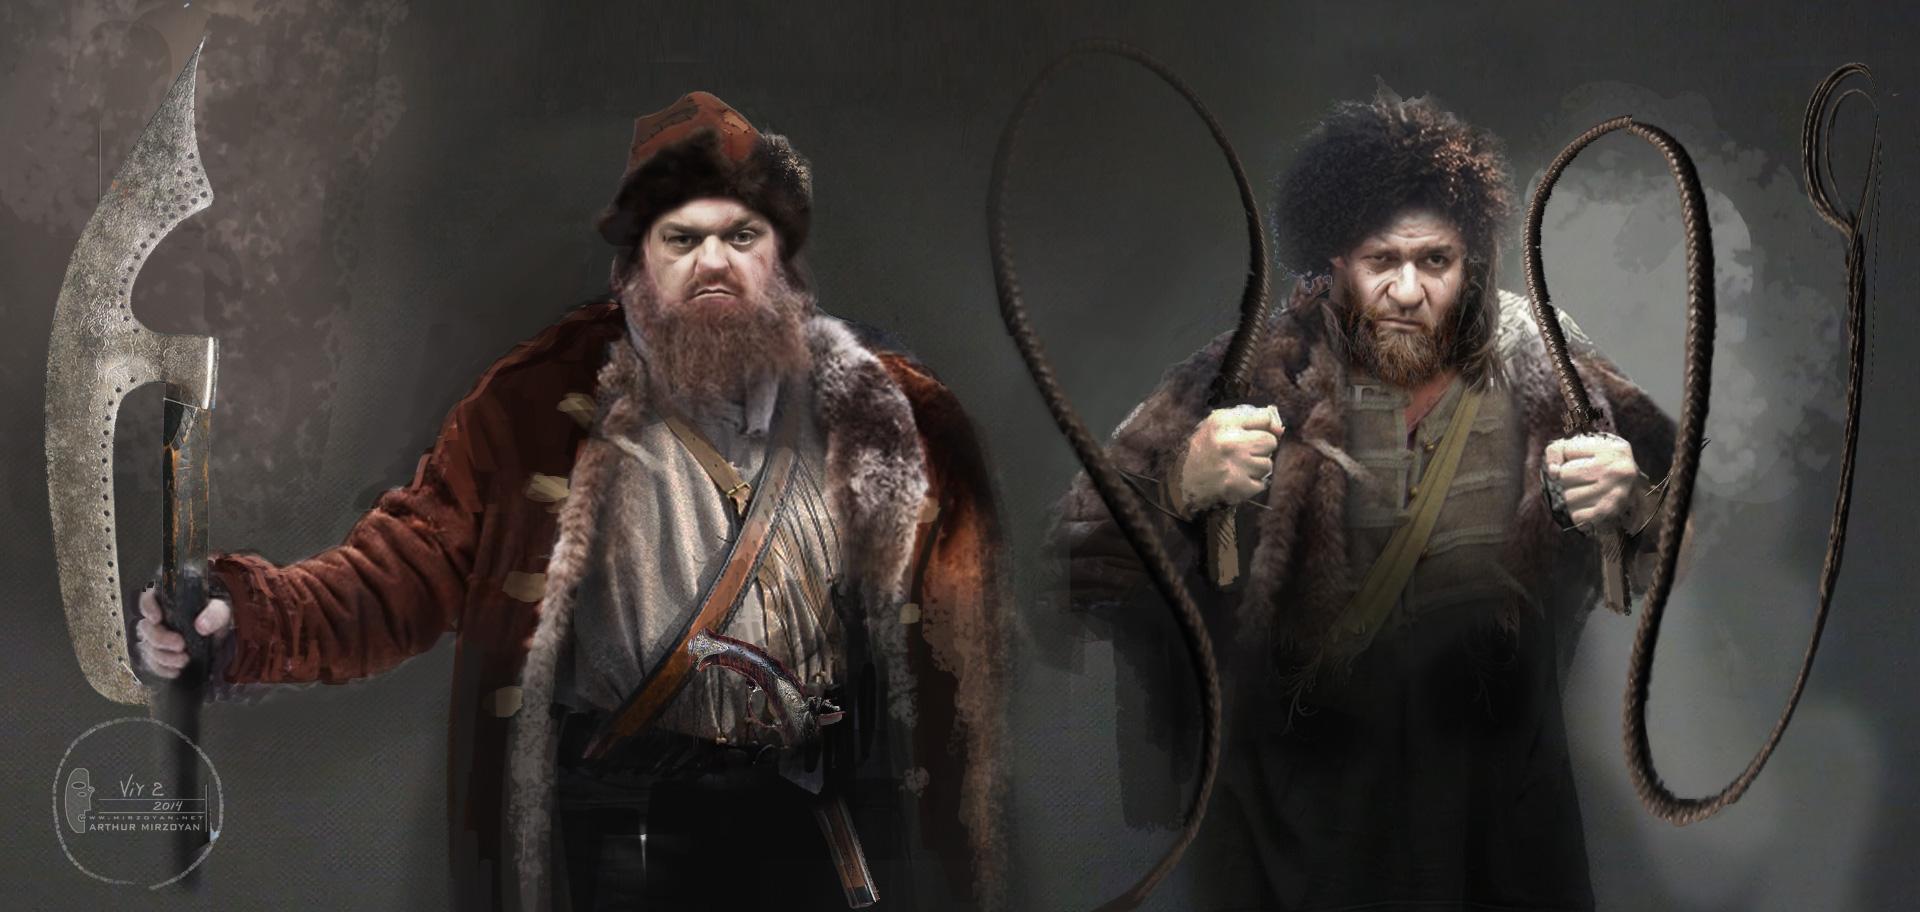 концепт-арты Вий 2: Тайна Печати дракона Михаил Мухин, Вилен Бабичев,